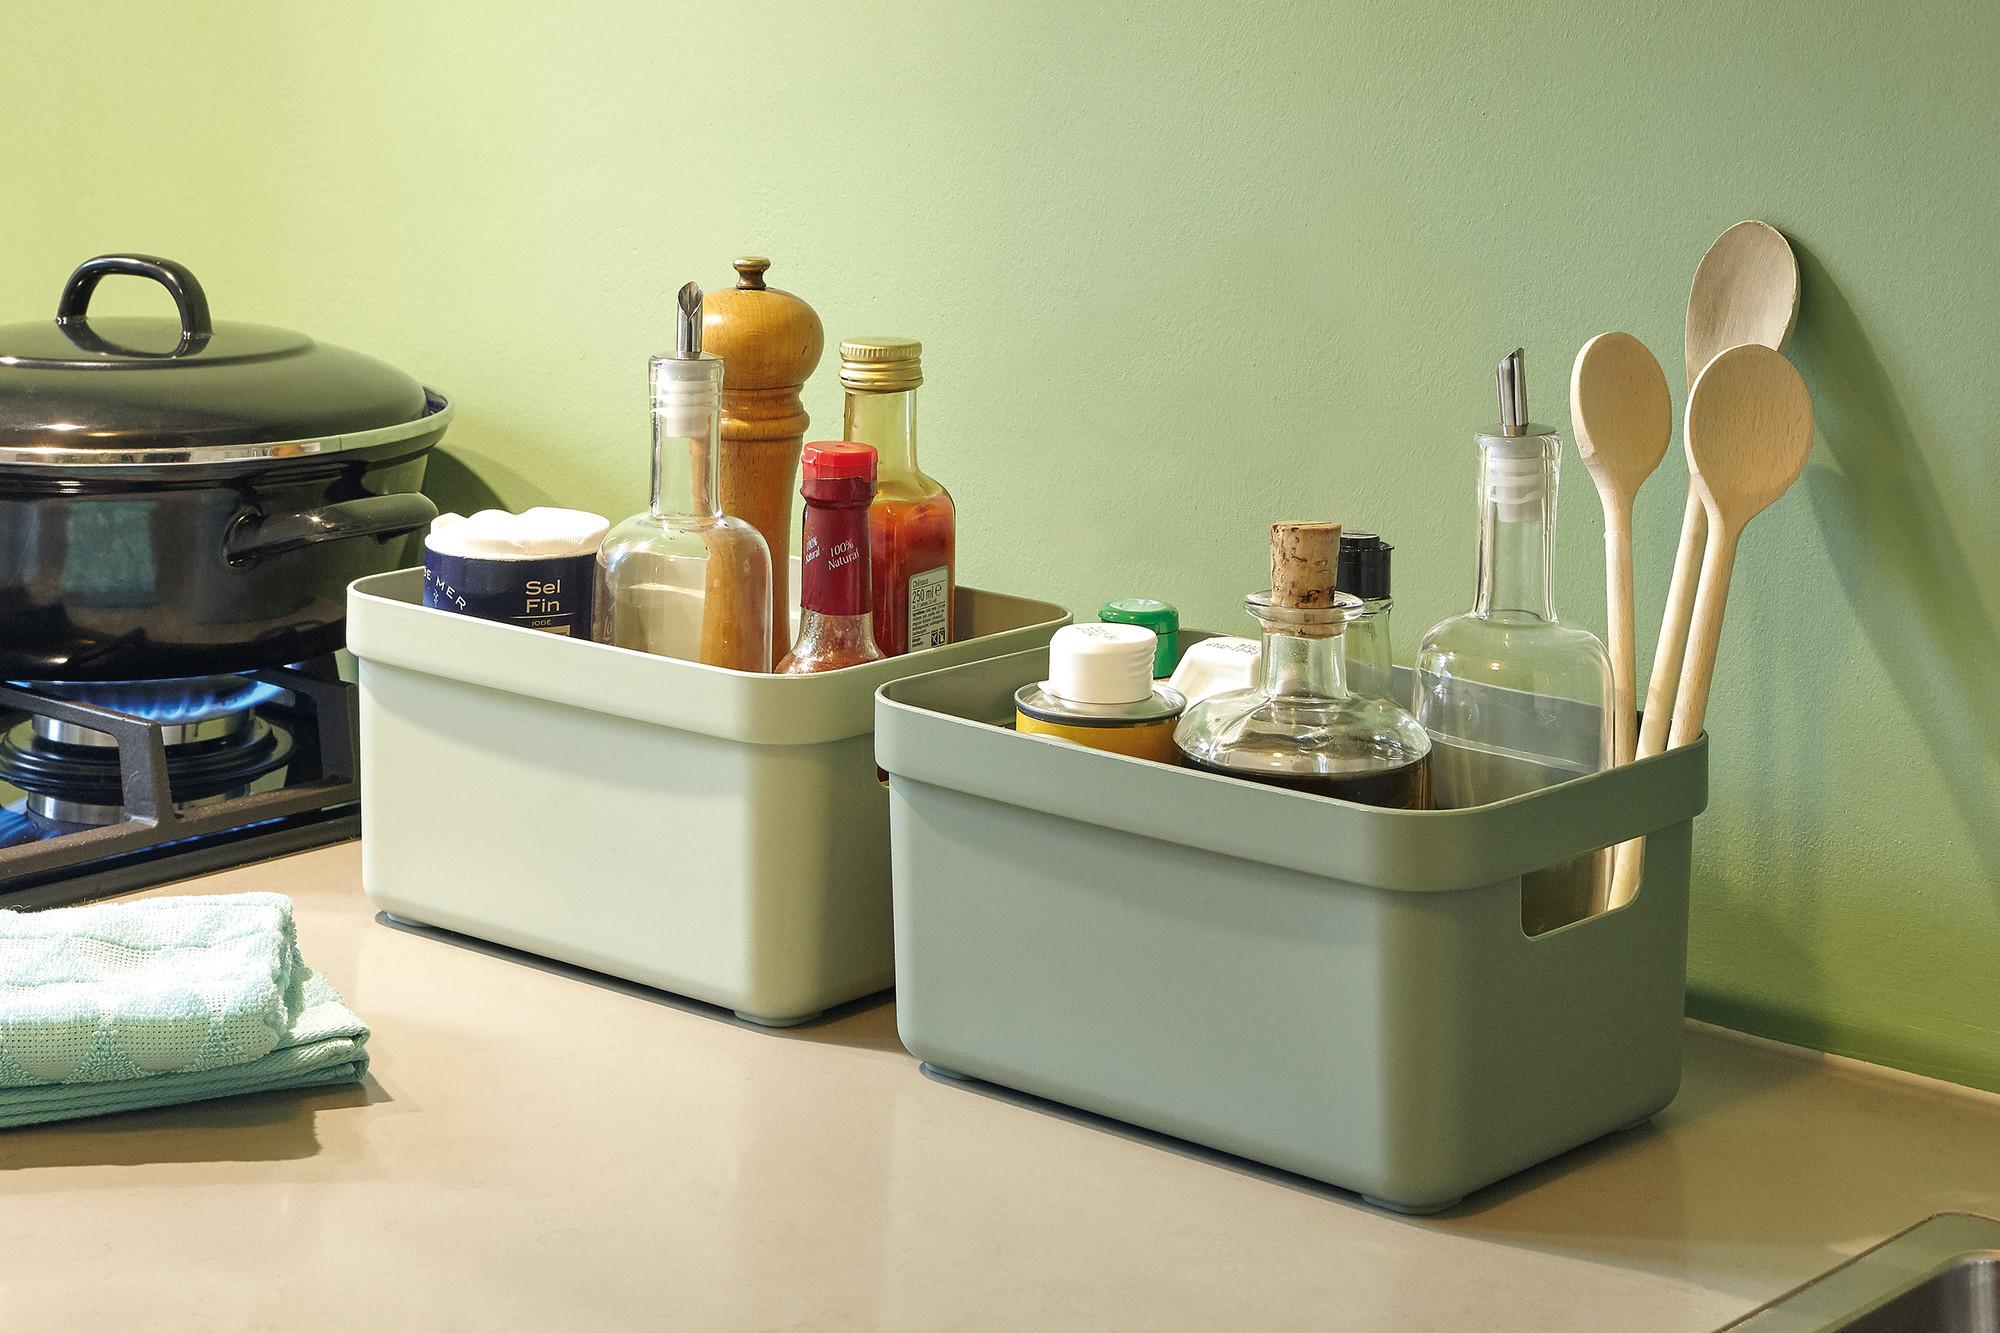 Full Size of Aufbewahrung Küchenutensilien 5 Tipps Fr Organisation Ihrer Kche Sunware Aufbewahrungsbehälter Küche Bett Mit Betten Aufbewahrungsbox Garten Wohnzimmer Aufbewahrung Küchenutensilien